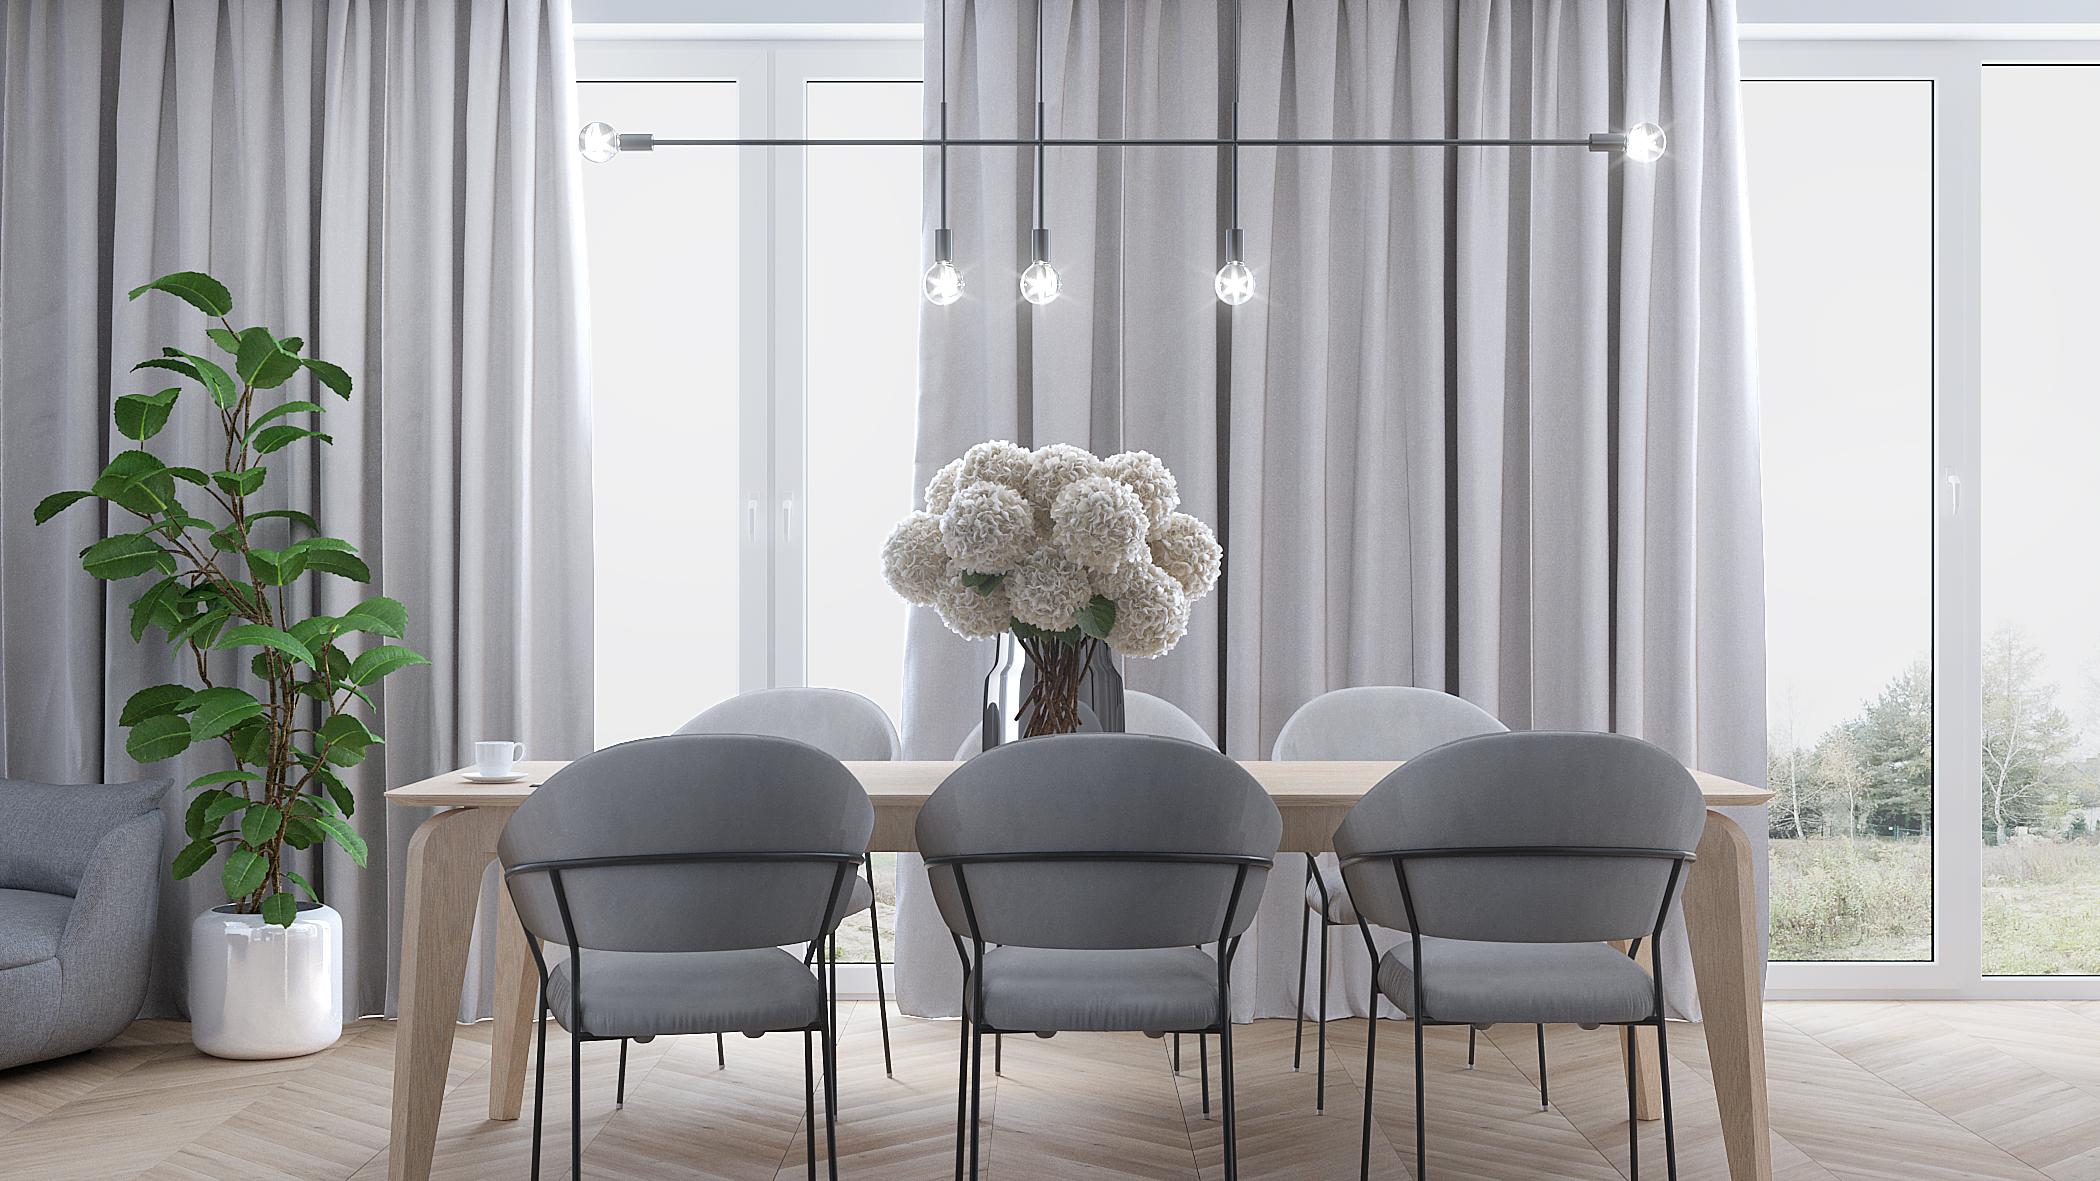 3 projektowanie wnetrz M356 mieszkanie Krakow szare krzesla drewniay stol dekoracja okien lampa nad stolem